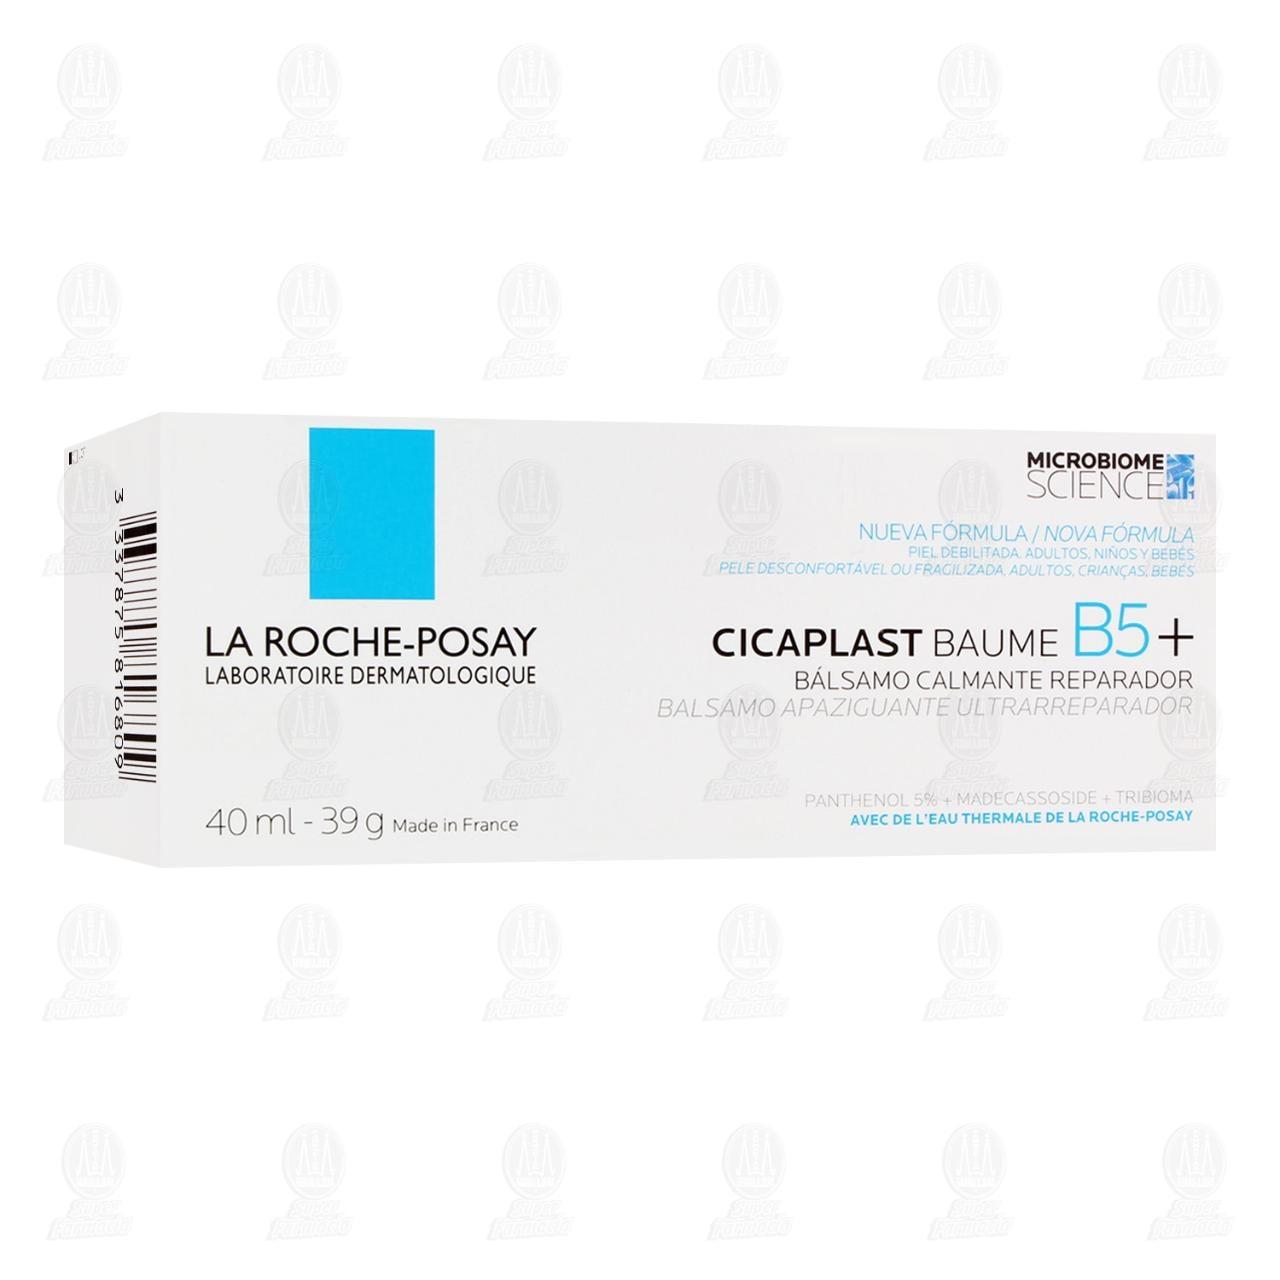 comprar https://www.movil.farmaciasguadalajara.com/wcsstore/FGCAS/wcs/products/1170686_A_1280_AL.jpg en farmacias guadalajara